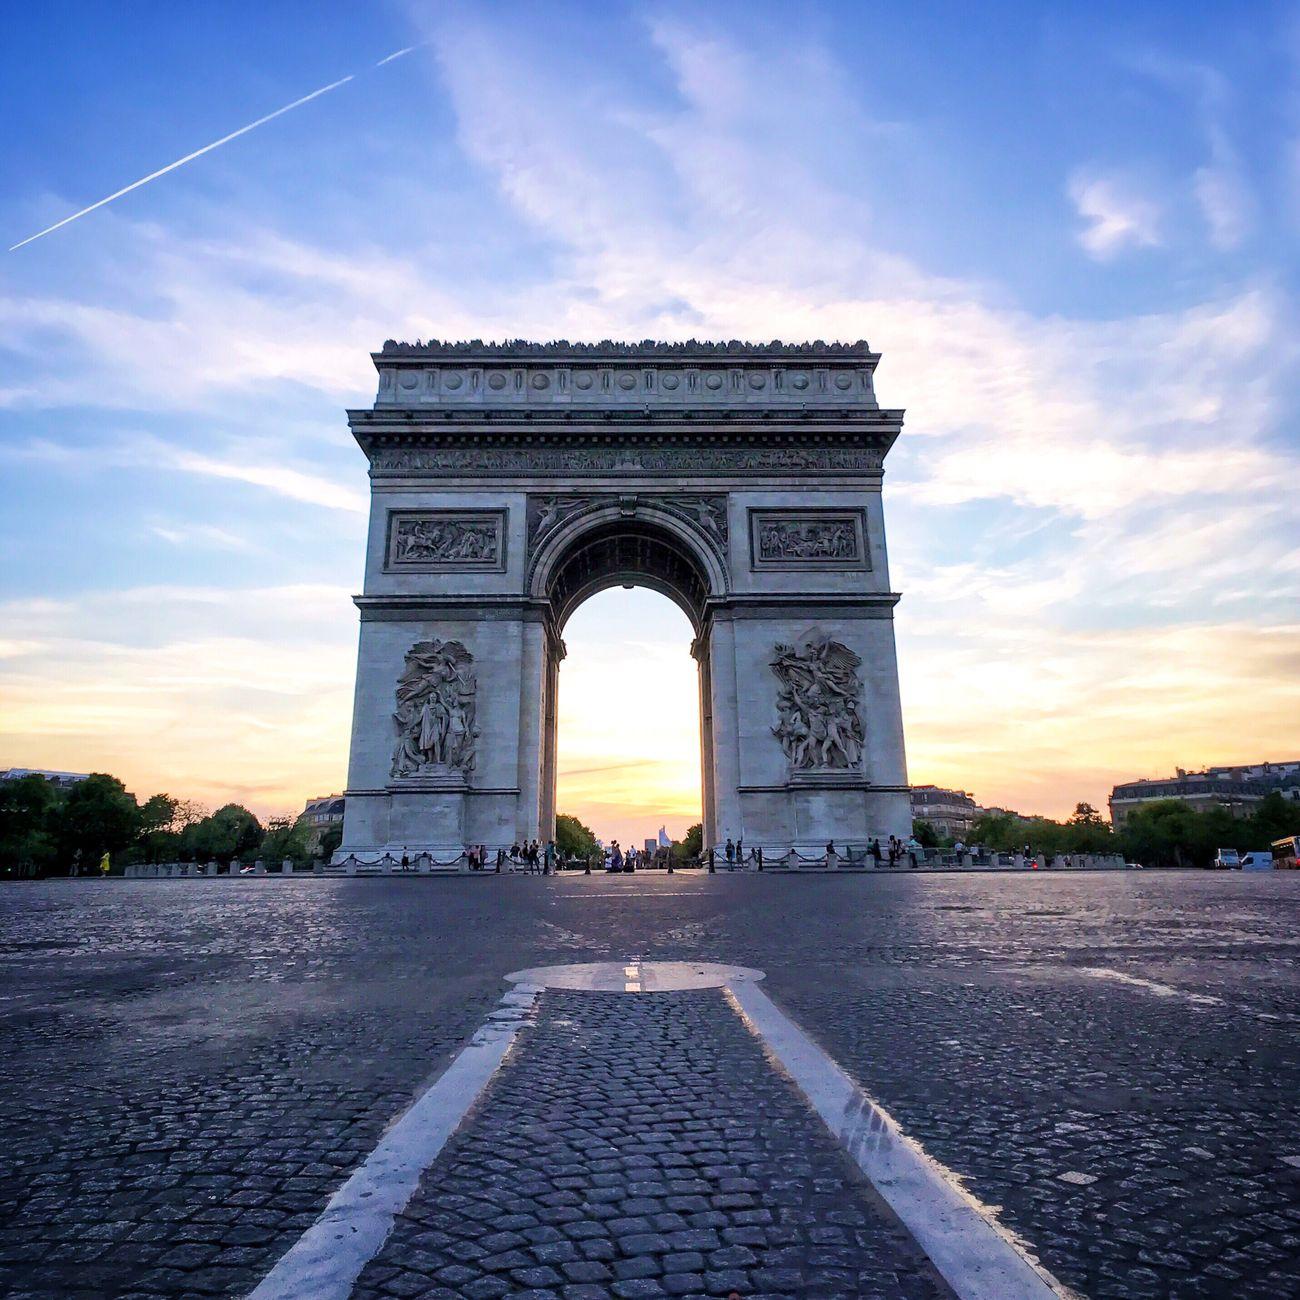 Paris Sunsets! Bonsoir Paris! Architecture Sunset Paris EyeEm Best Shots Parisweloveyou Photooftheday Eyem Best Shot - Architecture Paris ❤ Cloud - Sky Architecture Sunset_collection